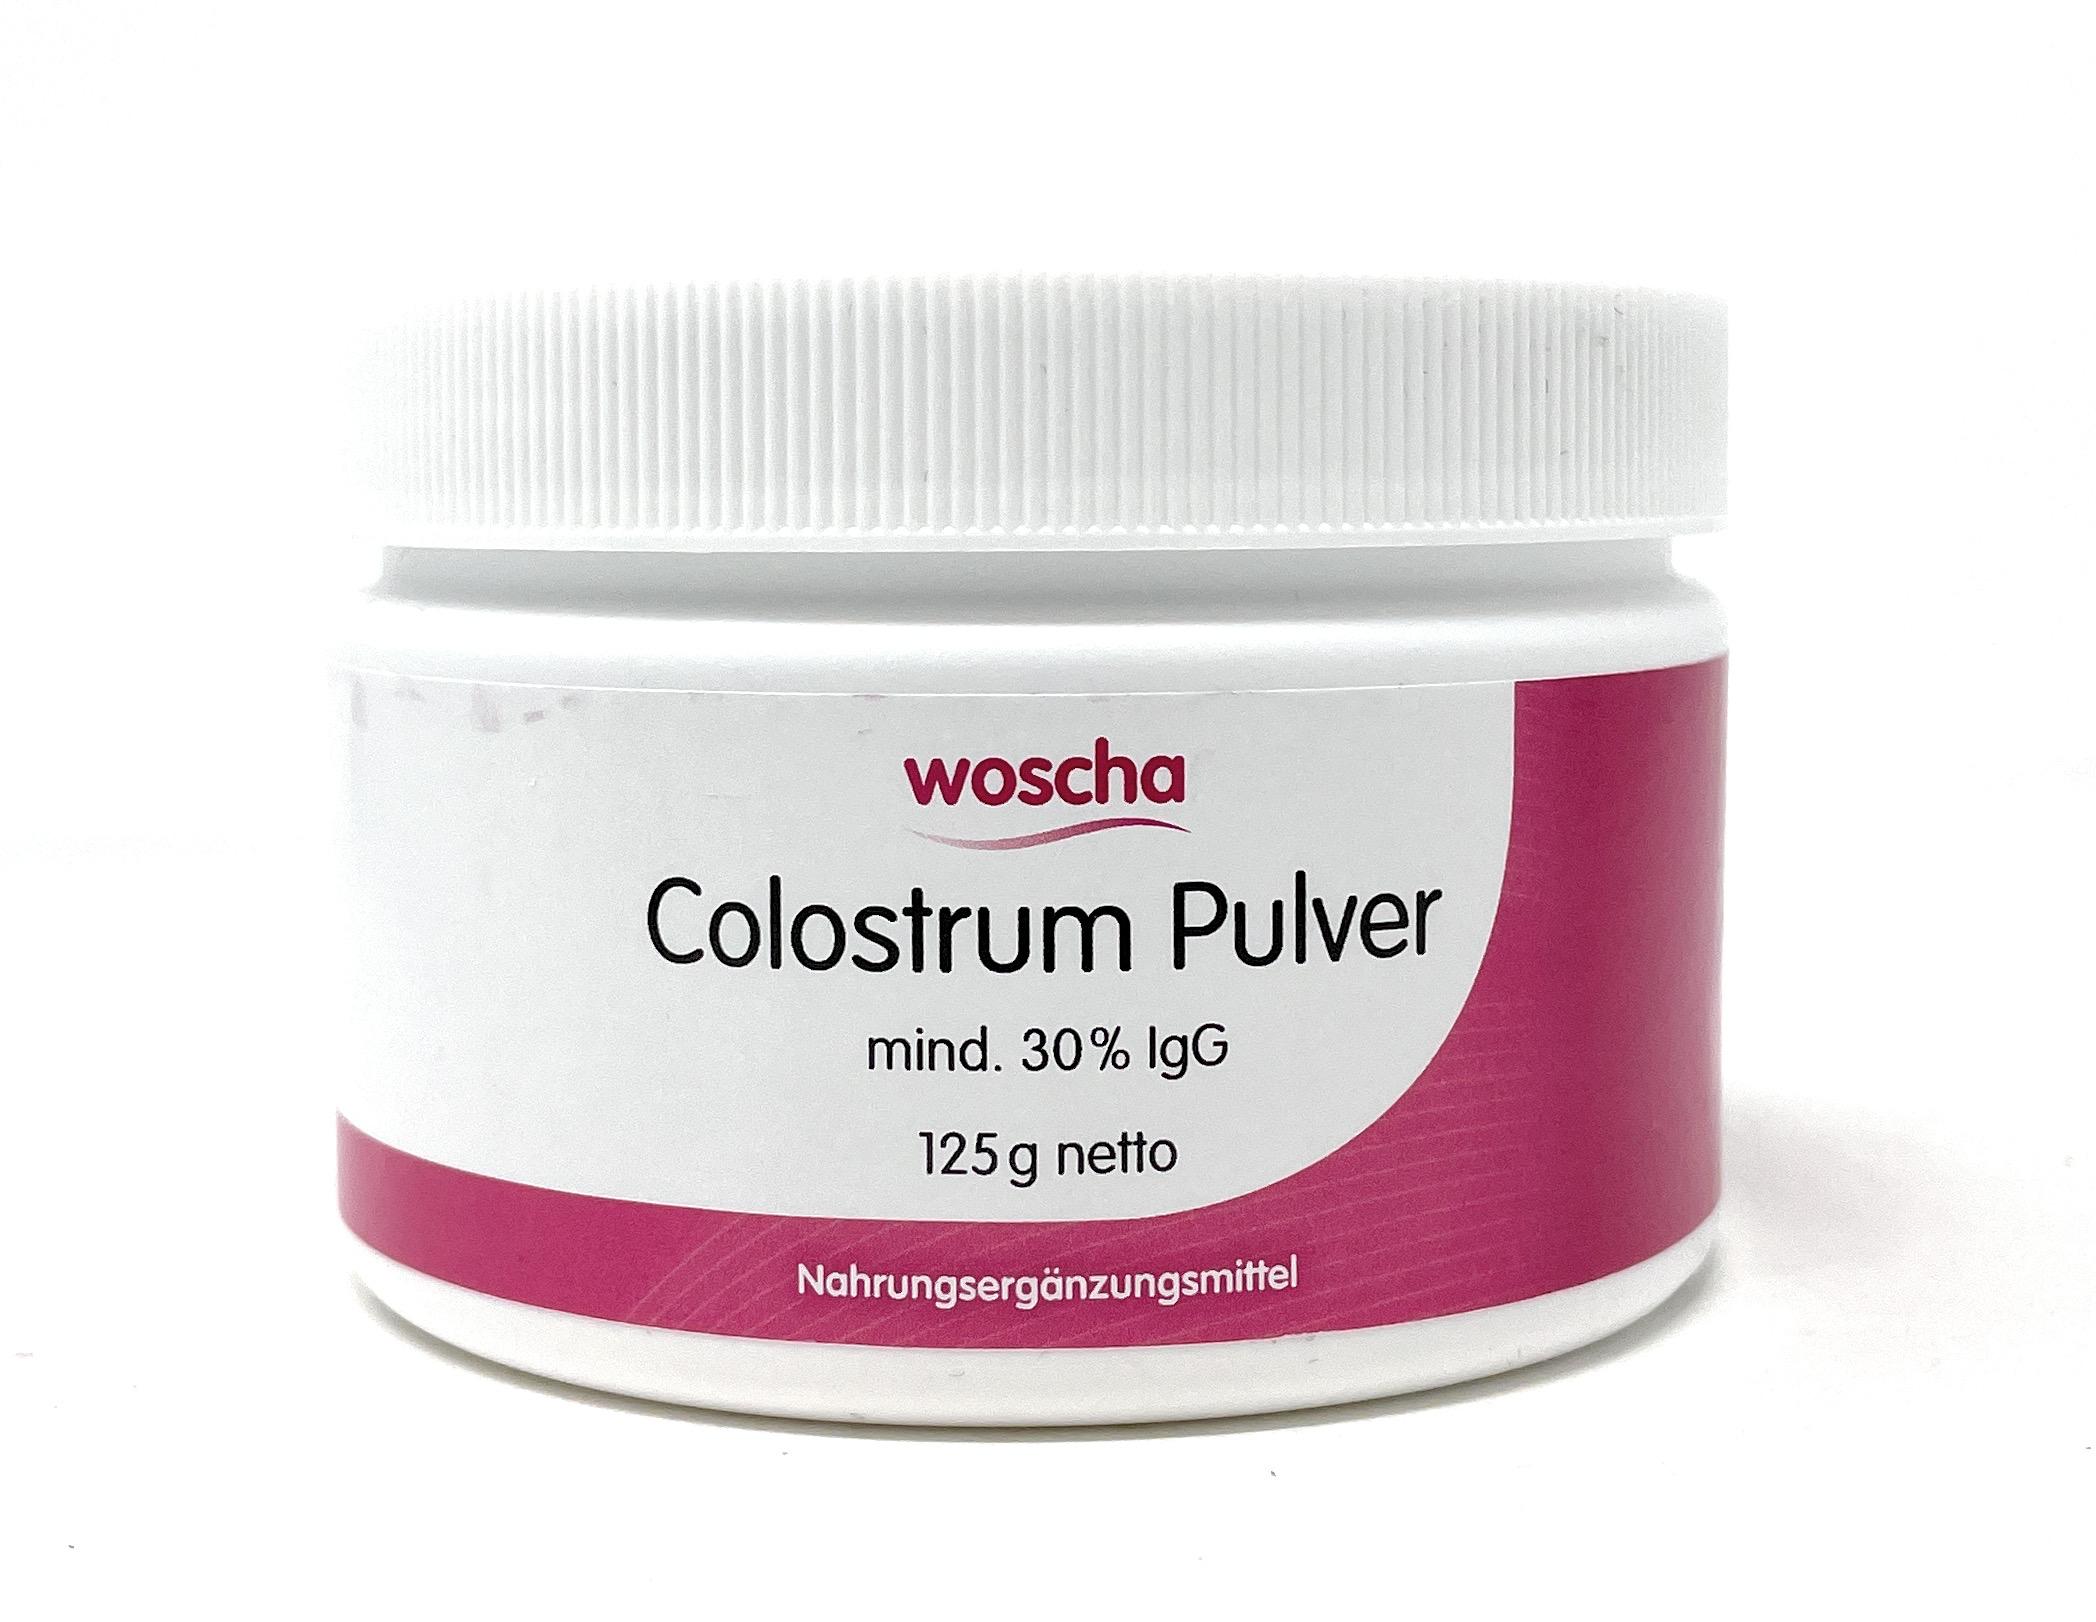 woscha Colostrum Pulver (mind. 30% IgG) 125g Pulver